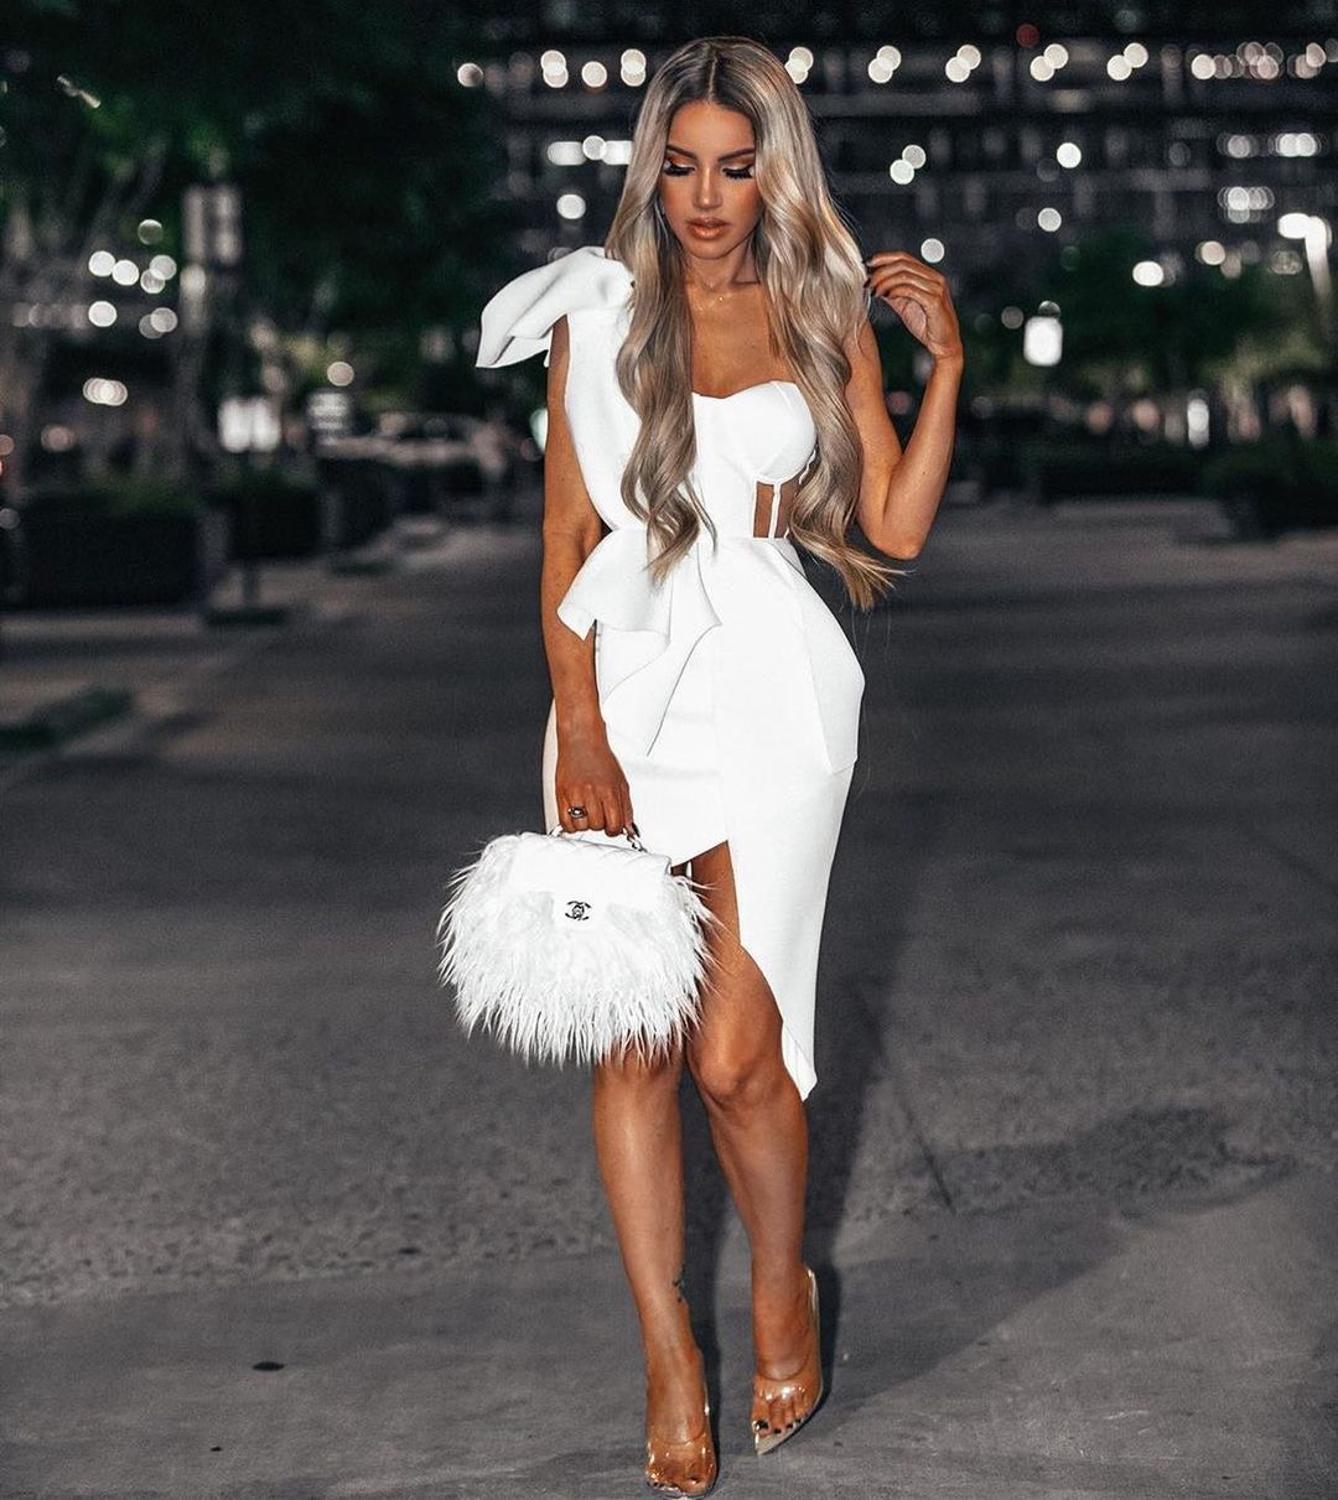 فستان صيفي جديد للسيدات لعام 2020 فستان ضيق بكتف واحد مُزين بفيونكة شبكية مكشكشة بدون أكمام مع أشرطة فستان للمشاهير والحفلات المسائية مثير